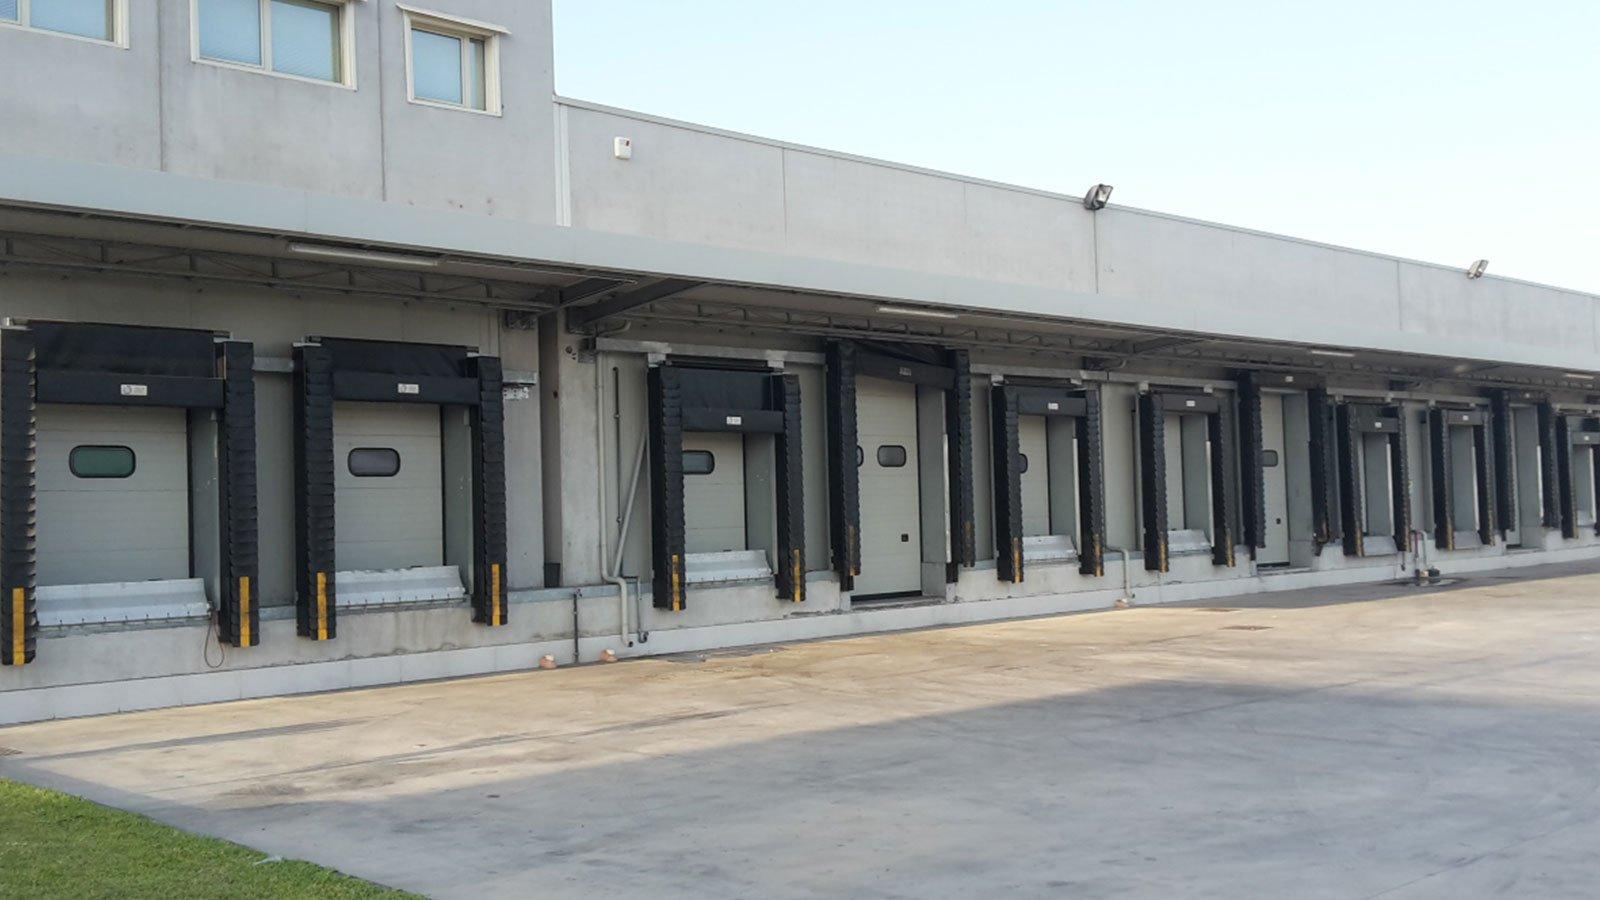 uno stabile industriale visto da fuori con una serie di porte con delle serrande in telo nero automatizzate